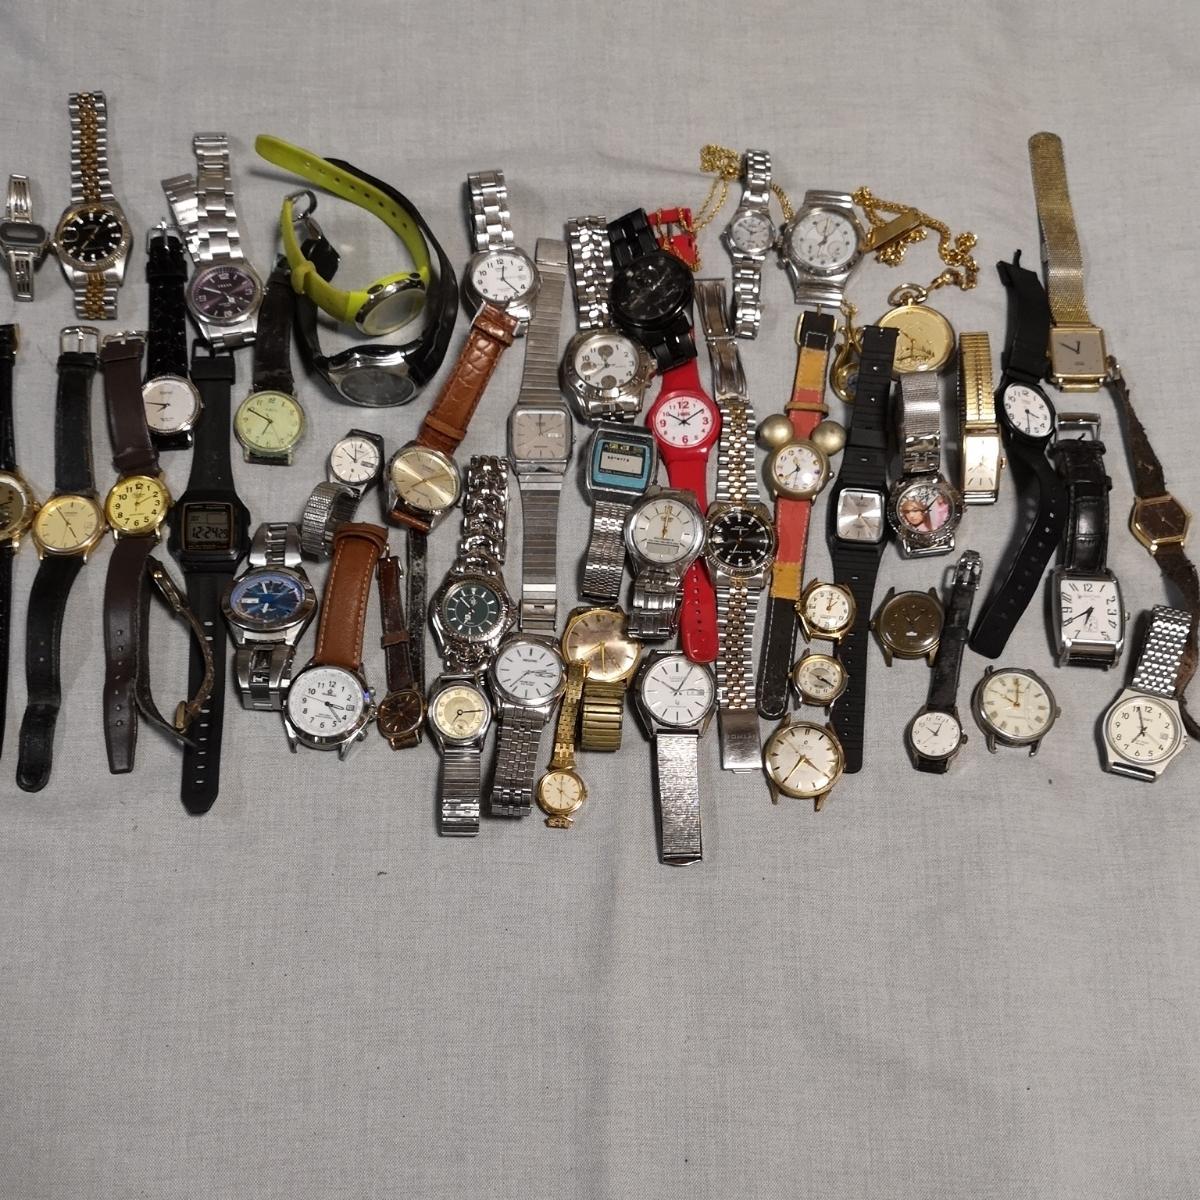 腕時計 大量 50個 SEIKO CITIZEN カシオ クォーツ 手巻 懐中時計 銀時計 ジャンク